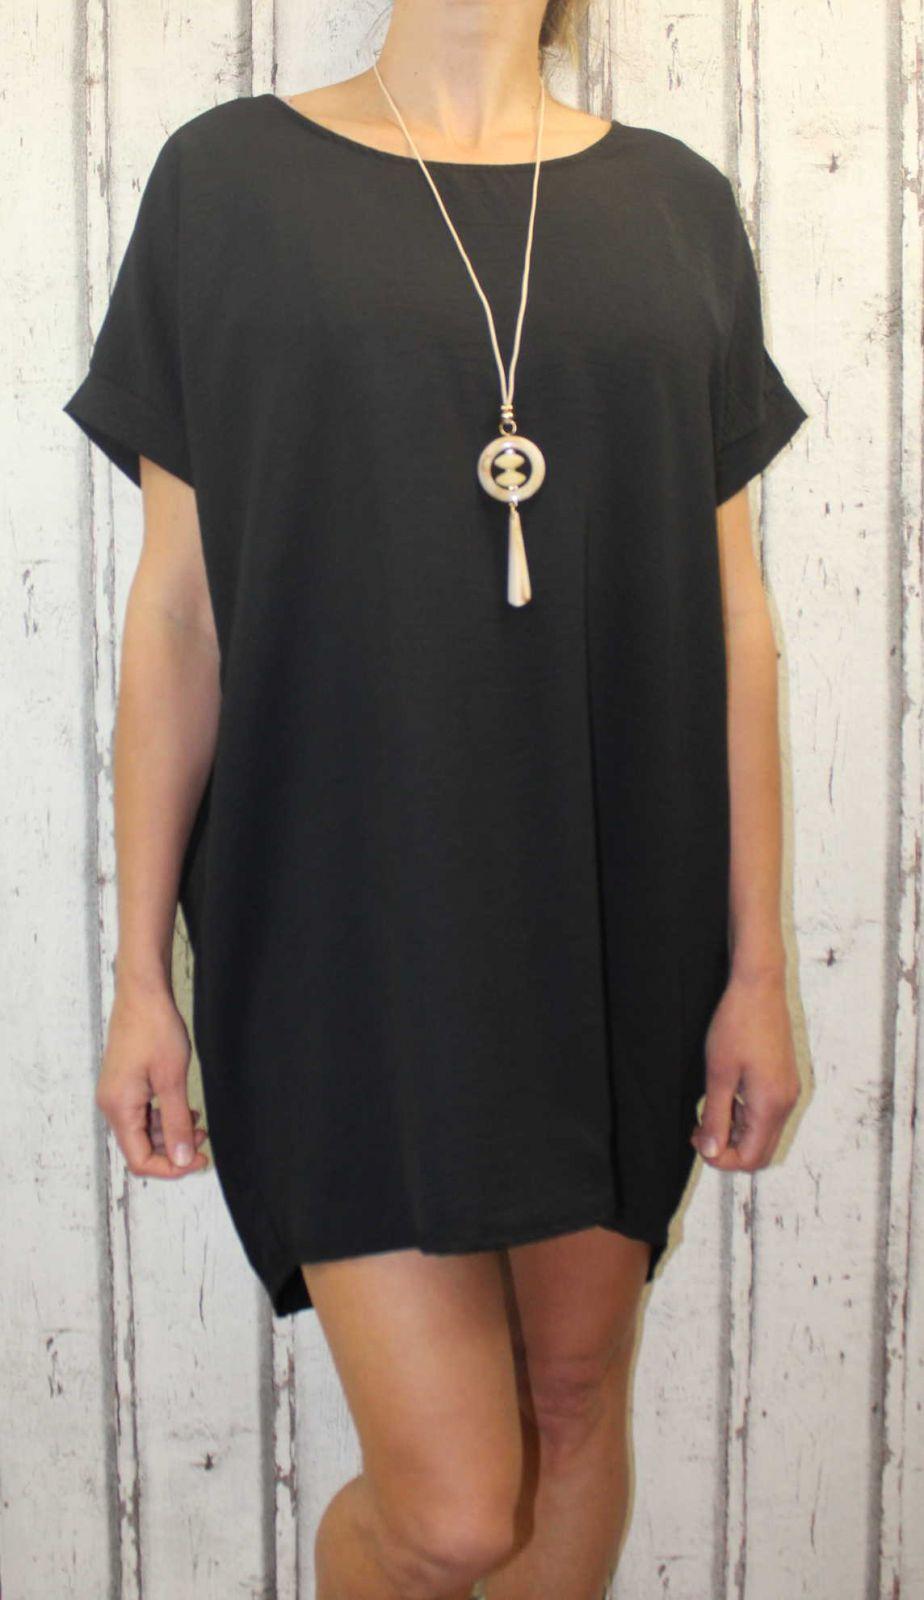 Dámské letní šaty, plážové šaty, dámská tunika, pohodlné šaty, dámské volné šaty, volná tunika, černé letní šaty Italy Moda